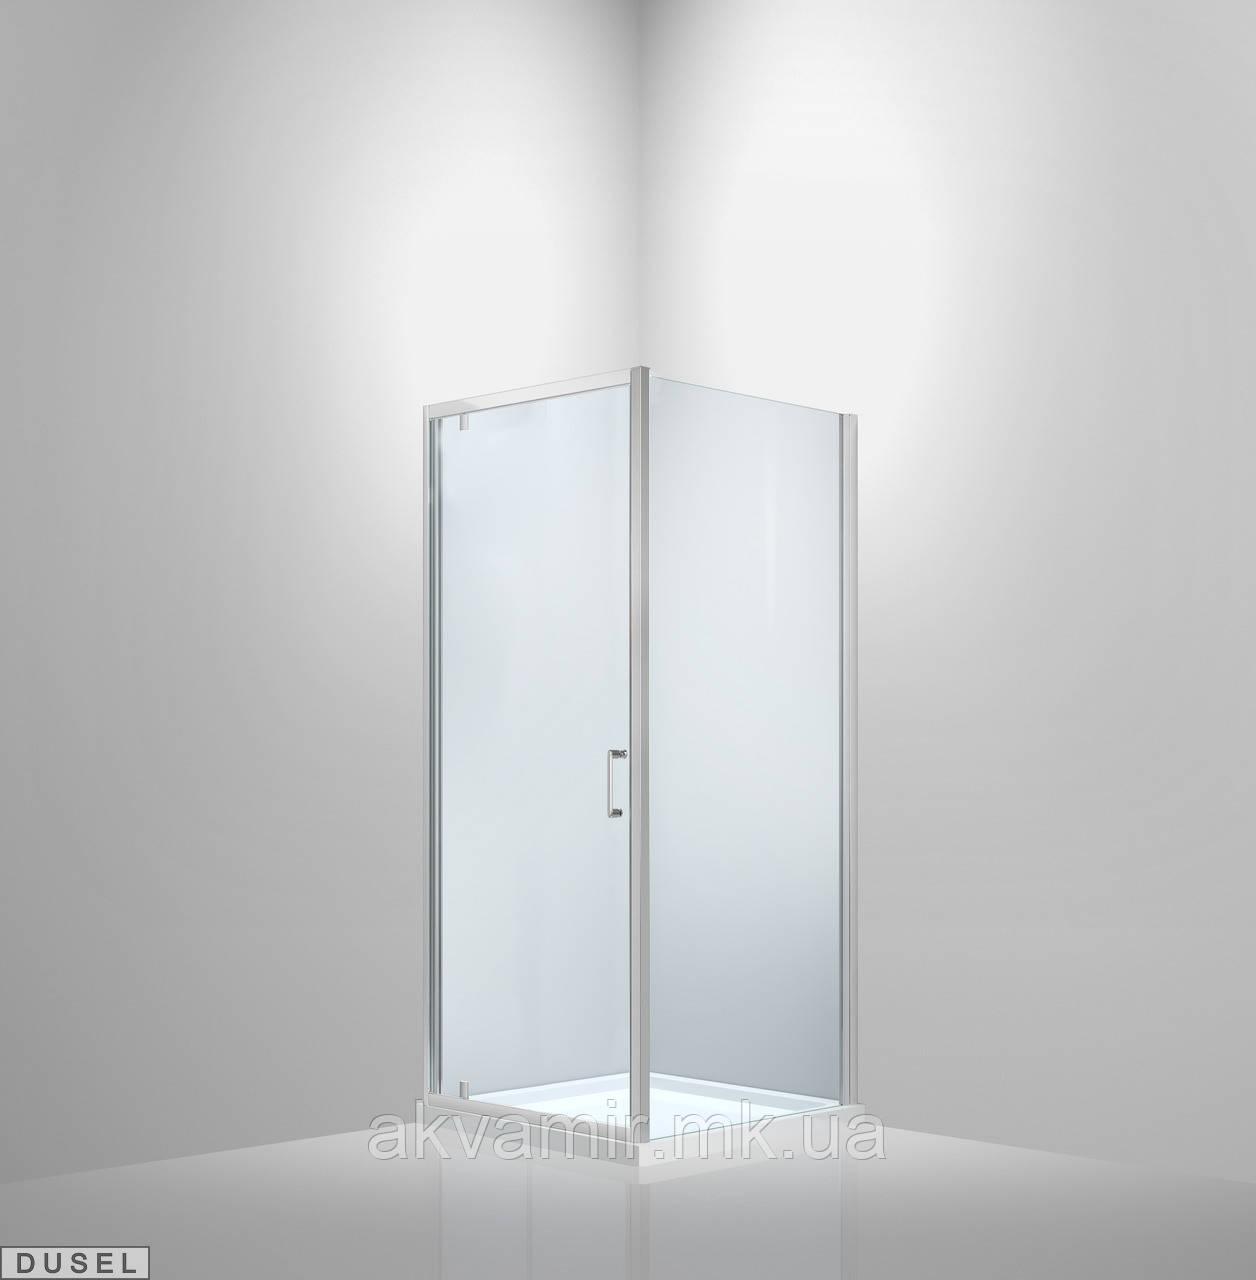 Душевая кабина Dusel А-516, 100х100х190, дверь распашная, стекло прозрачное